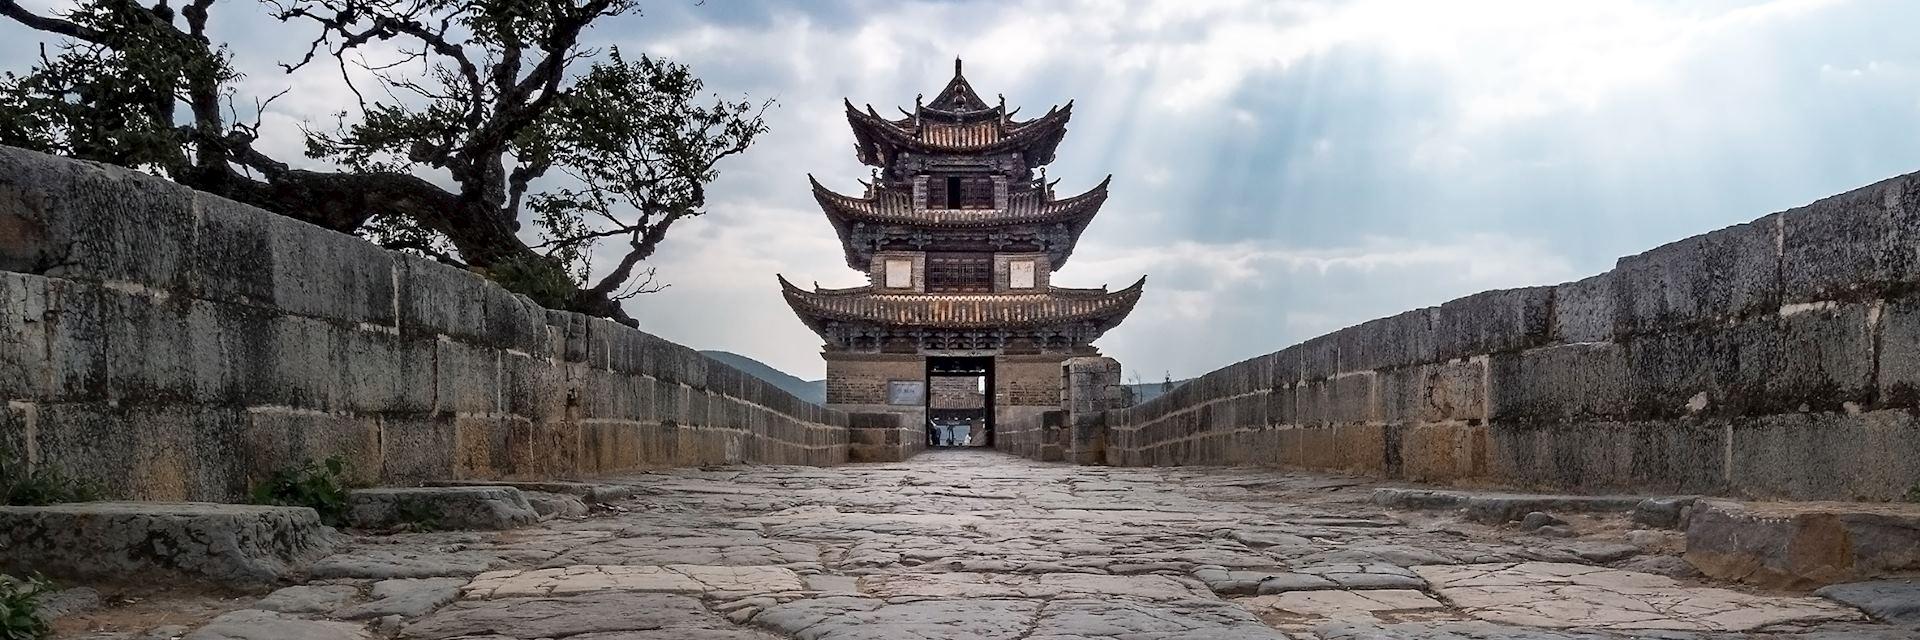 Seventeen-Arch Bridge, Jianshui